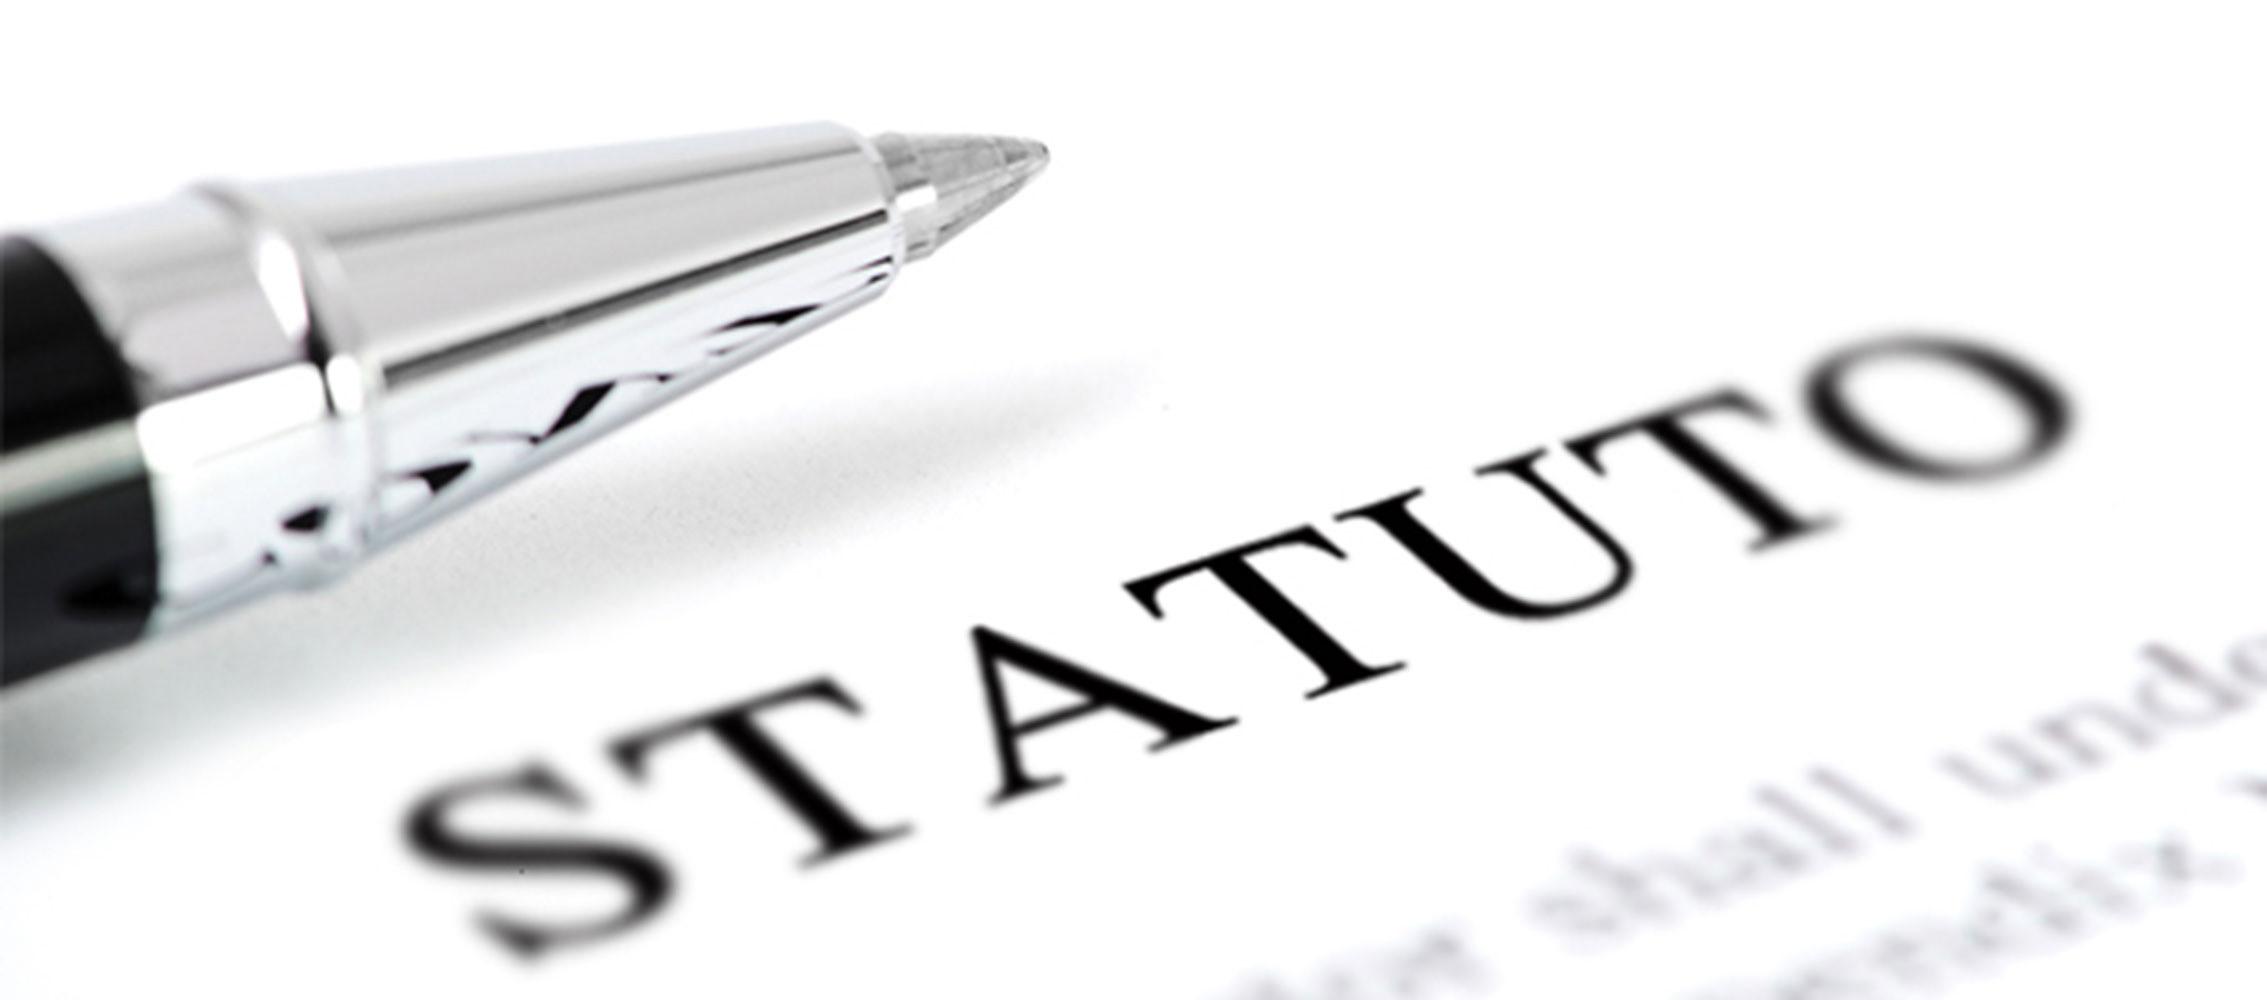 Adeguamenti statutari, assemblee on line, maggioranze semplificate e migrazione nel RUNTS (Registro Unico Nazionale)